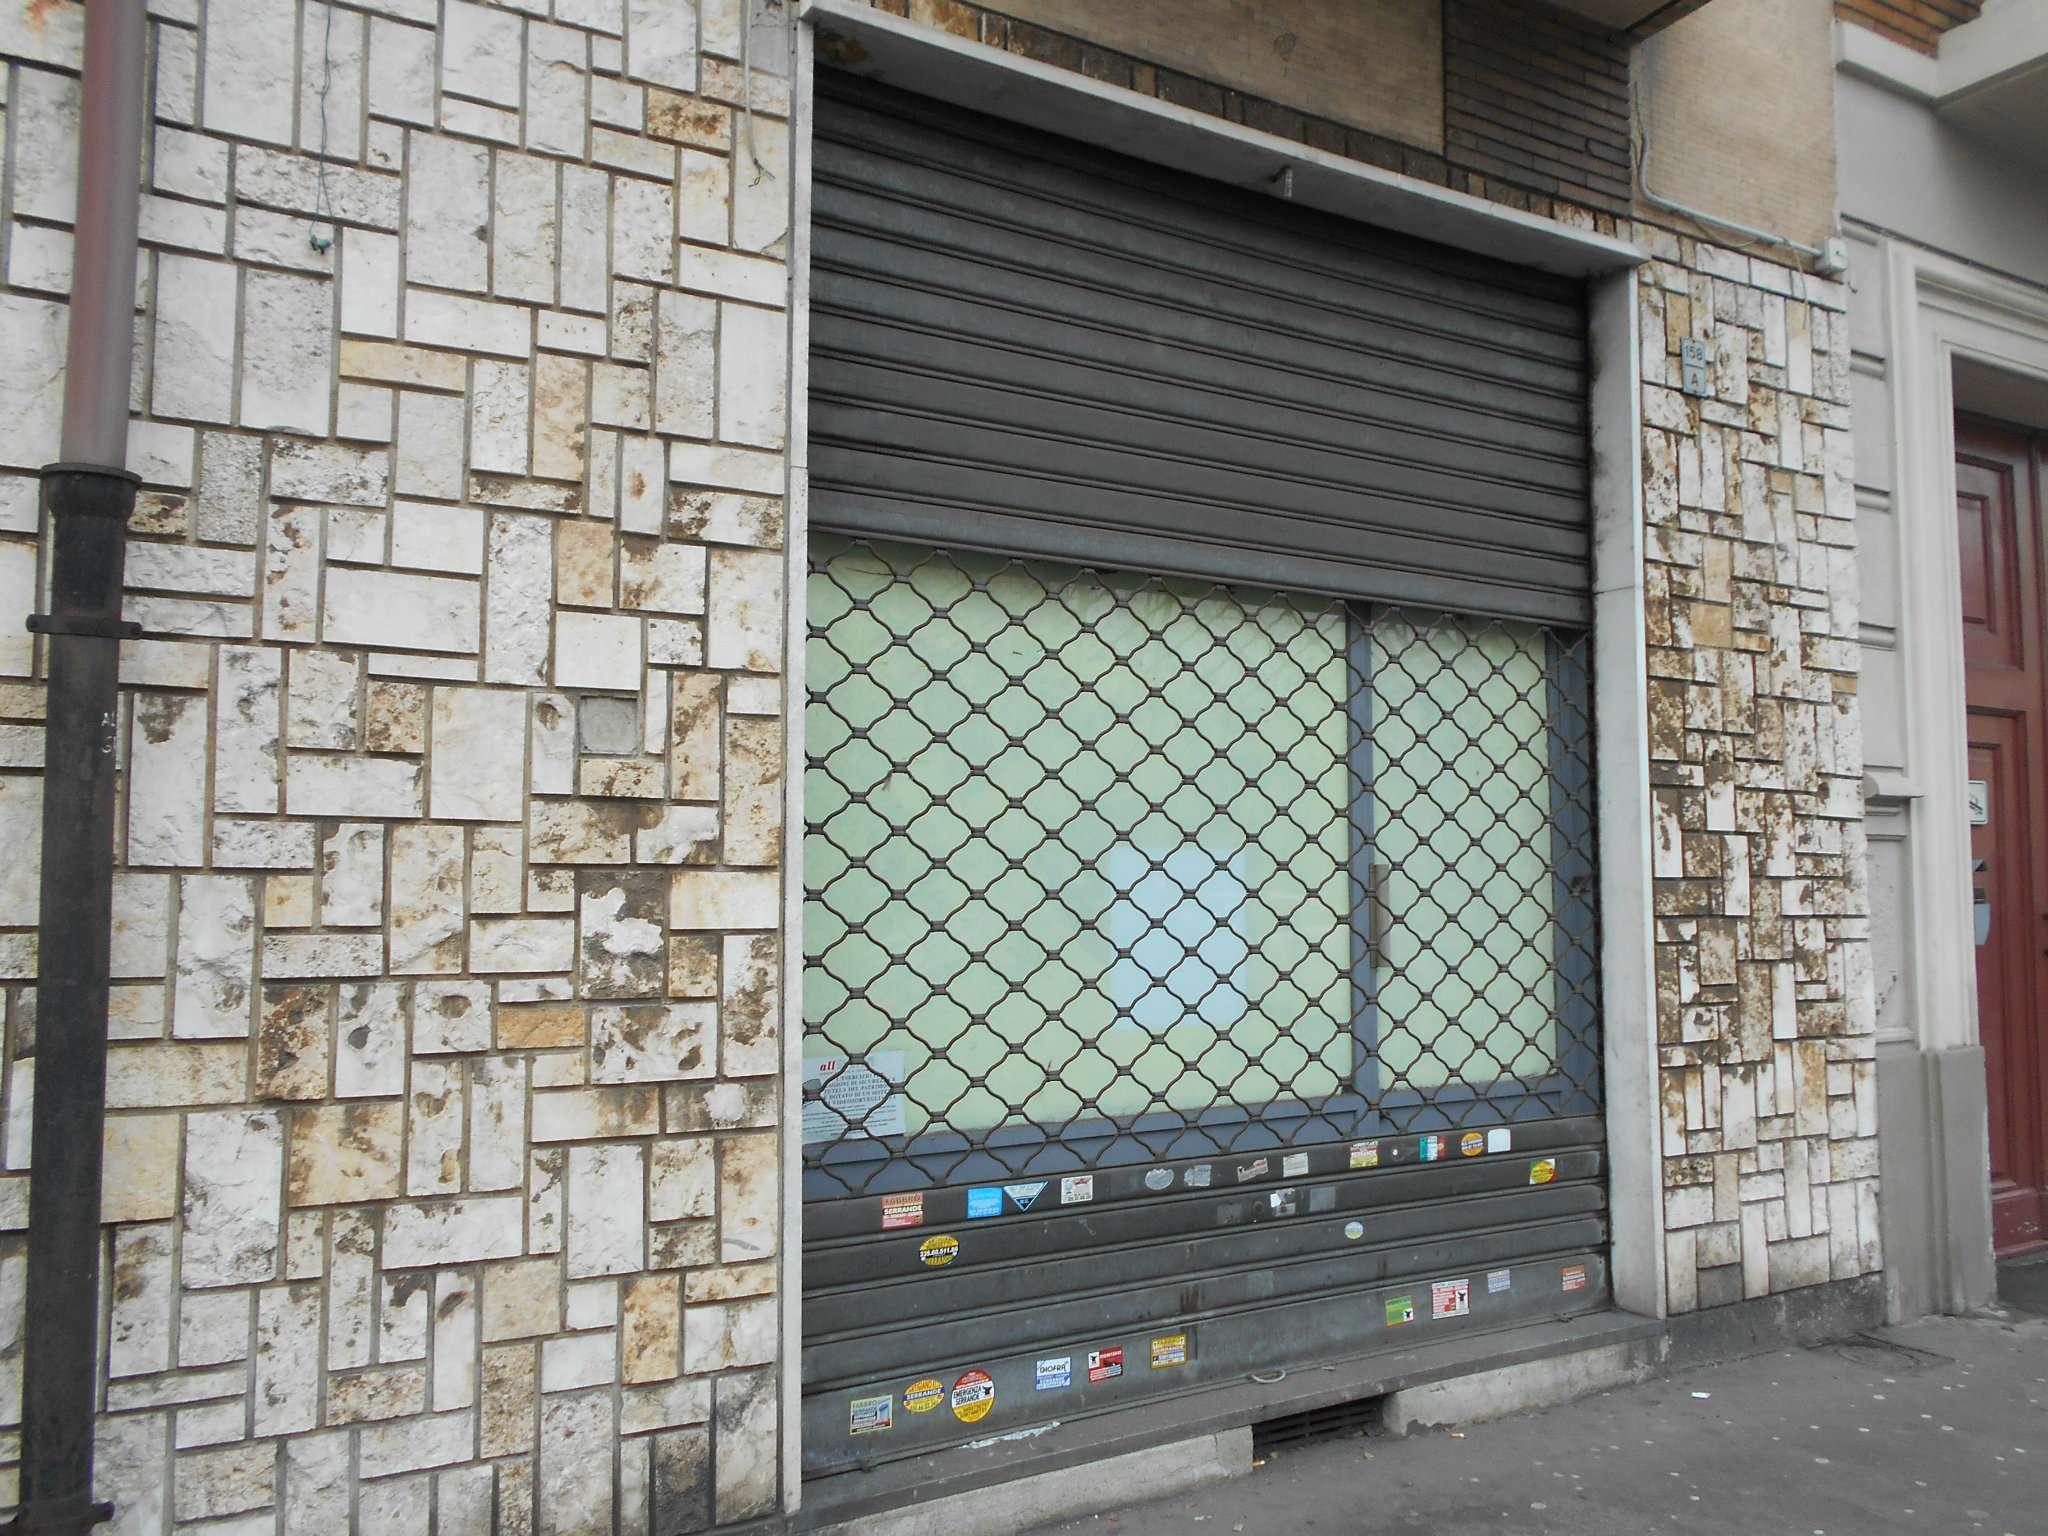 Negozio in affitto Zona Barriera Milano, Falchera, Barca-Be... - indirizzo su richiesta Torino